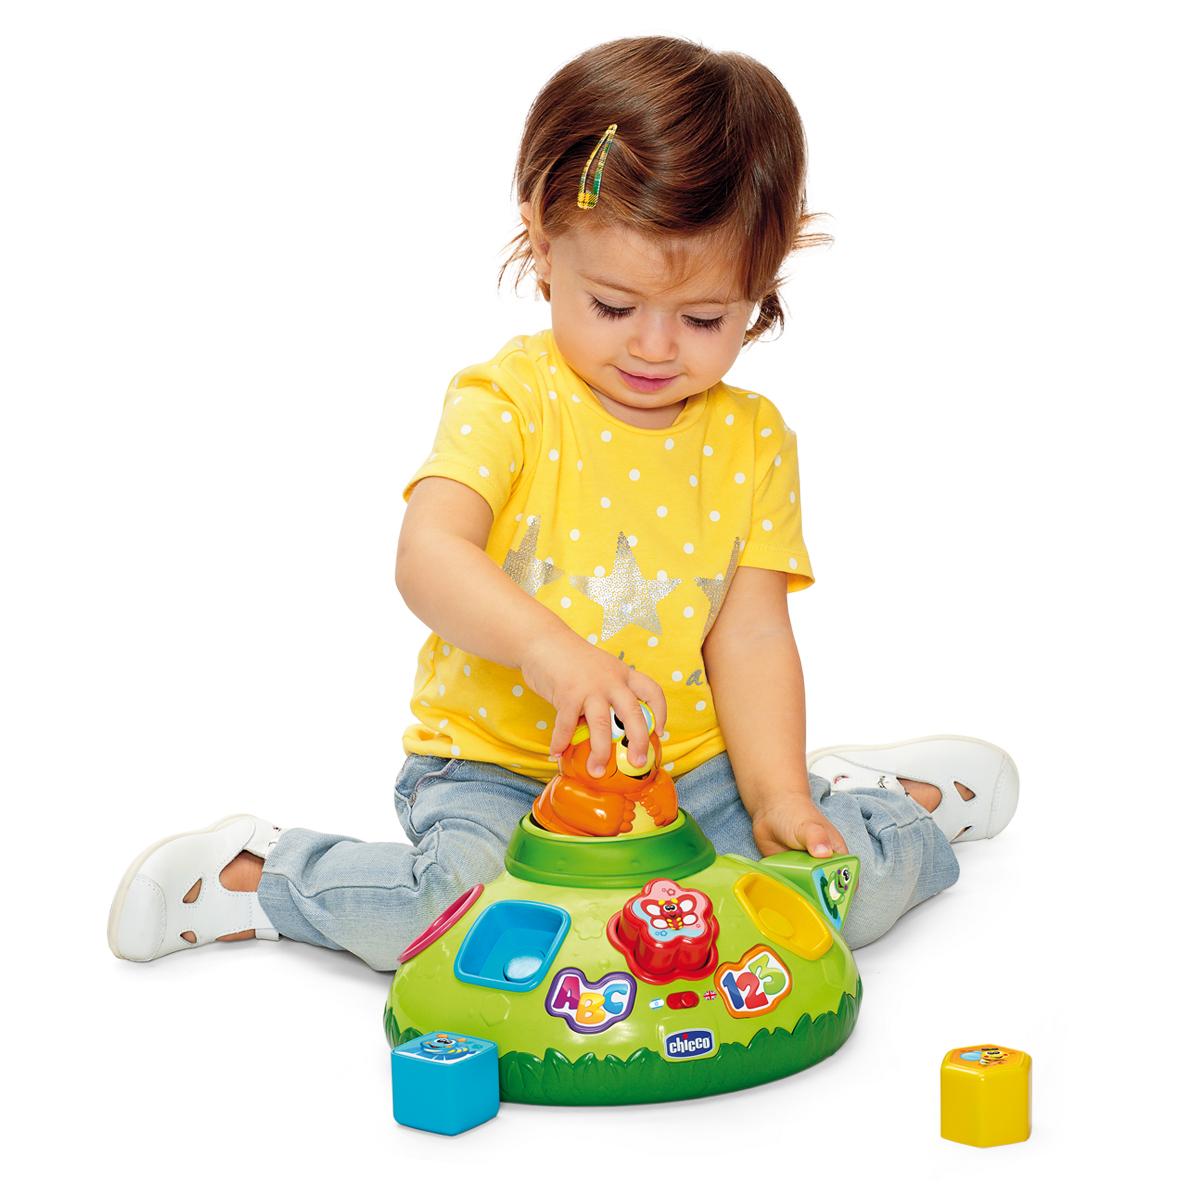 Https D793d799d7a1d7a4d7 Chicco Rainbow Spinner 4159